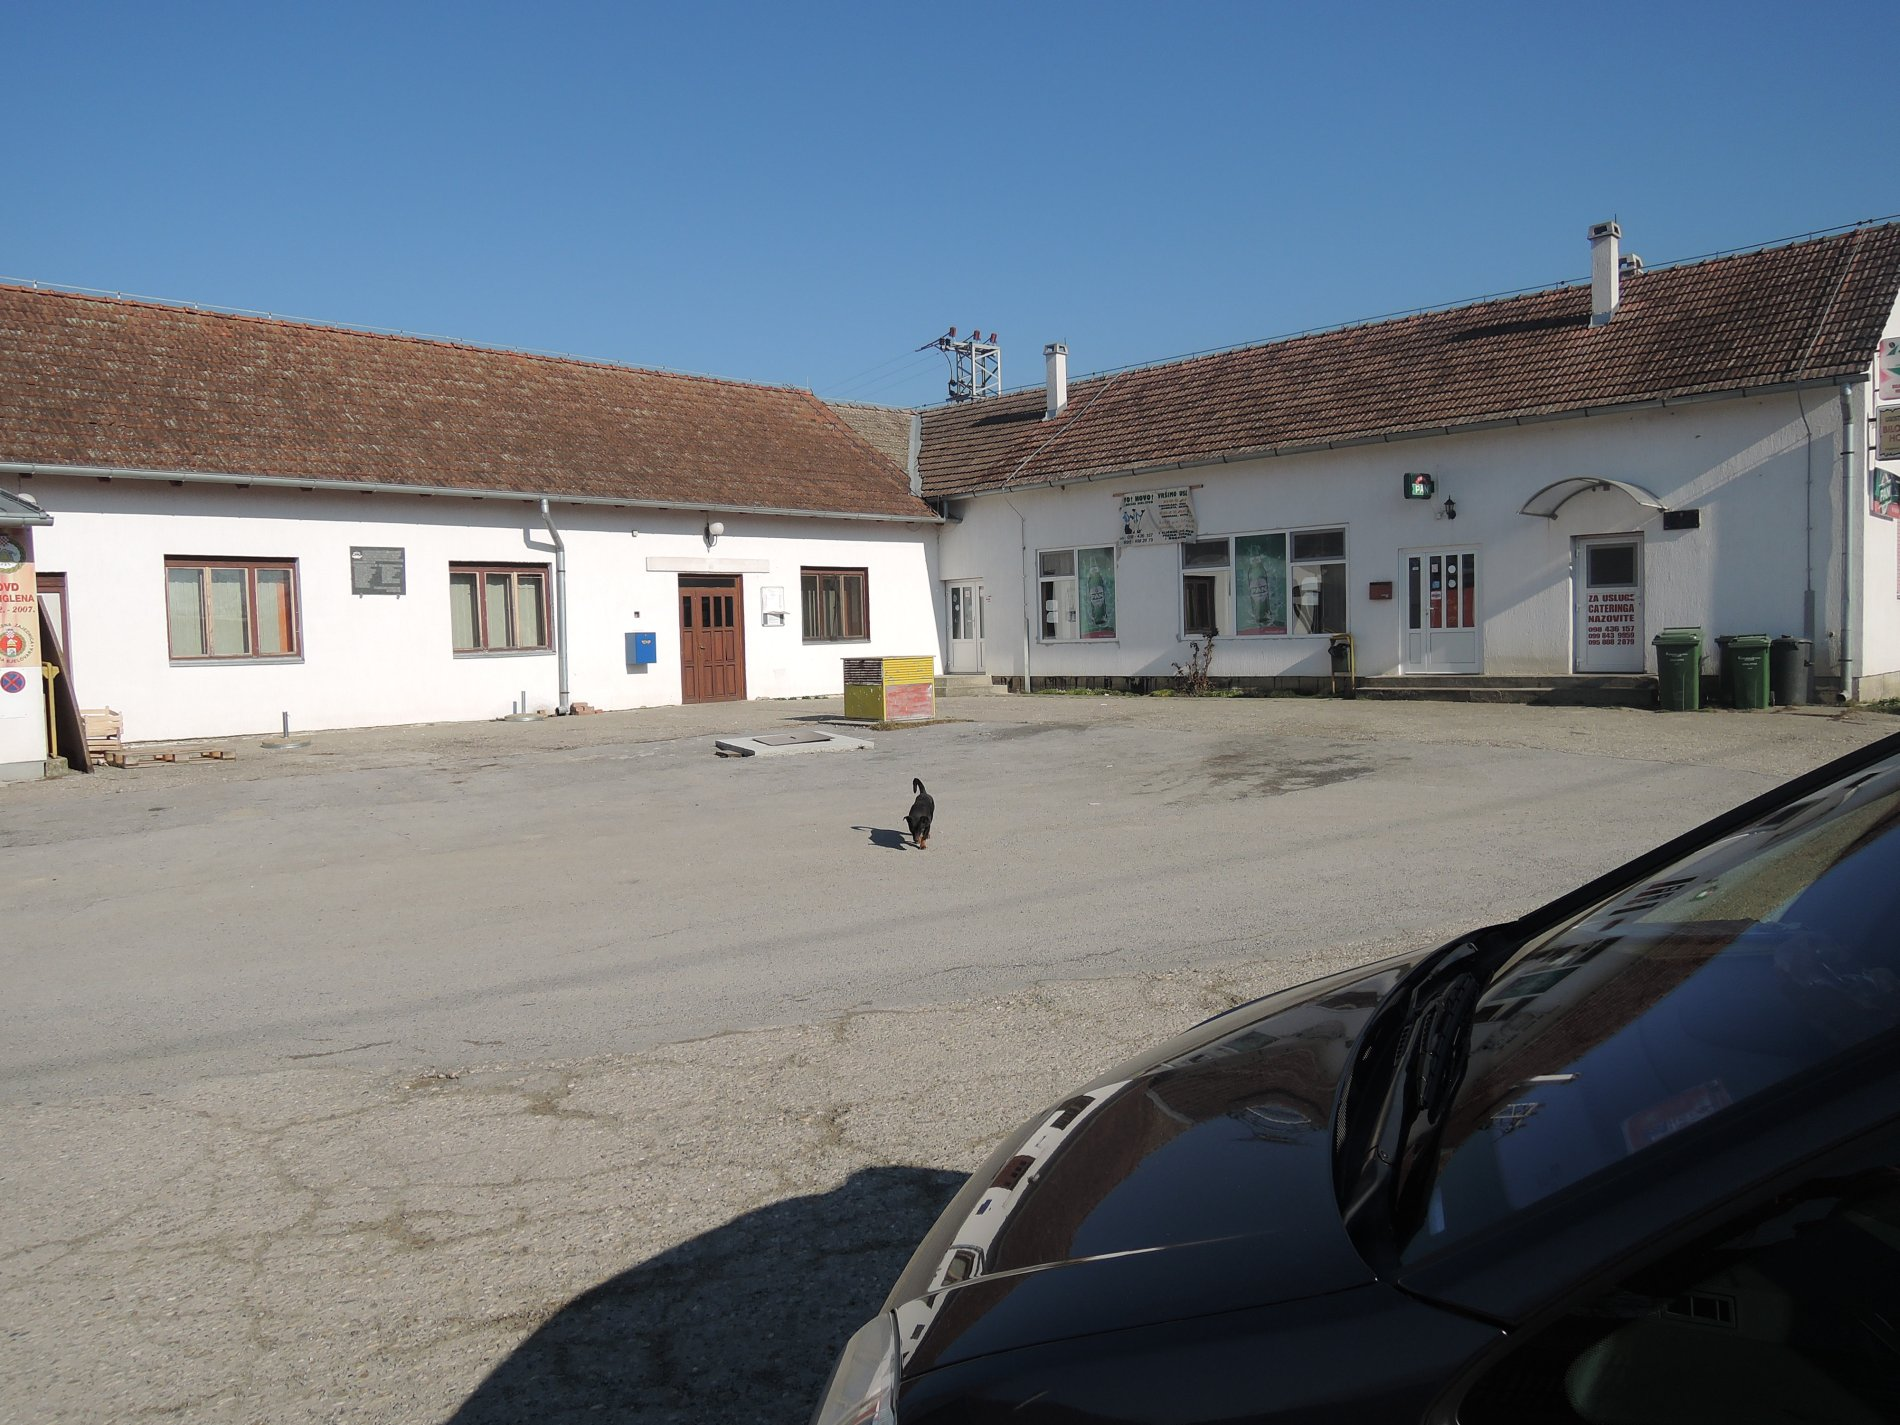 Poslovni prostori Grada Bjelovara - Mjesni dom Ciglena, Ciglena 13